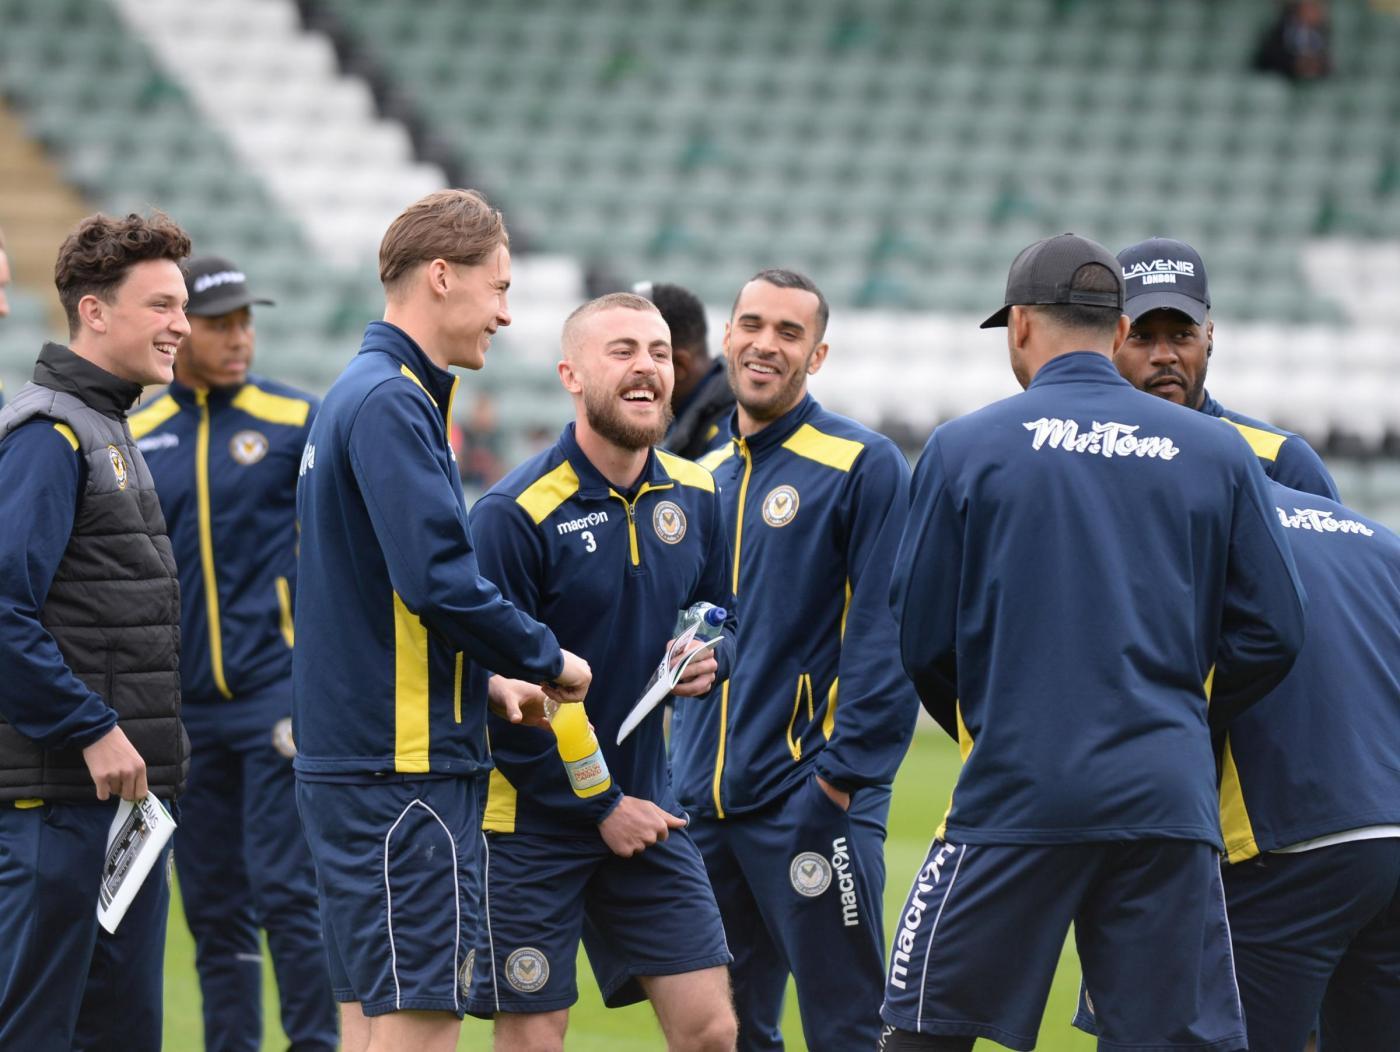 Inghilterra League Two, Newport-Tranmere sabato 25 maggio: analisi e pronostico della finale dei play off promozione